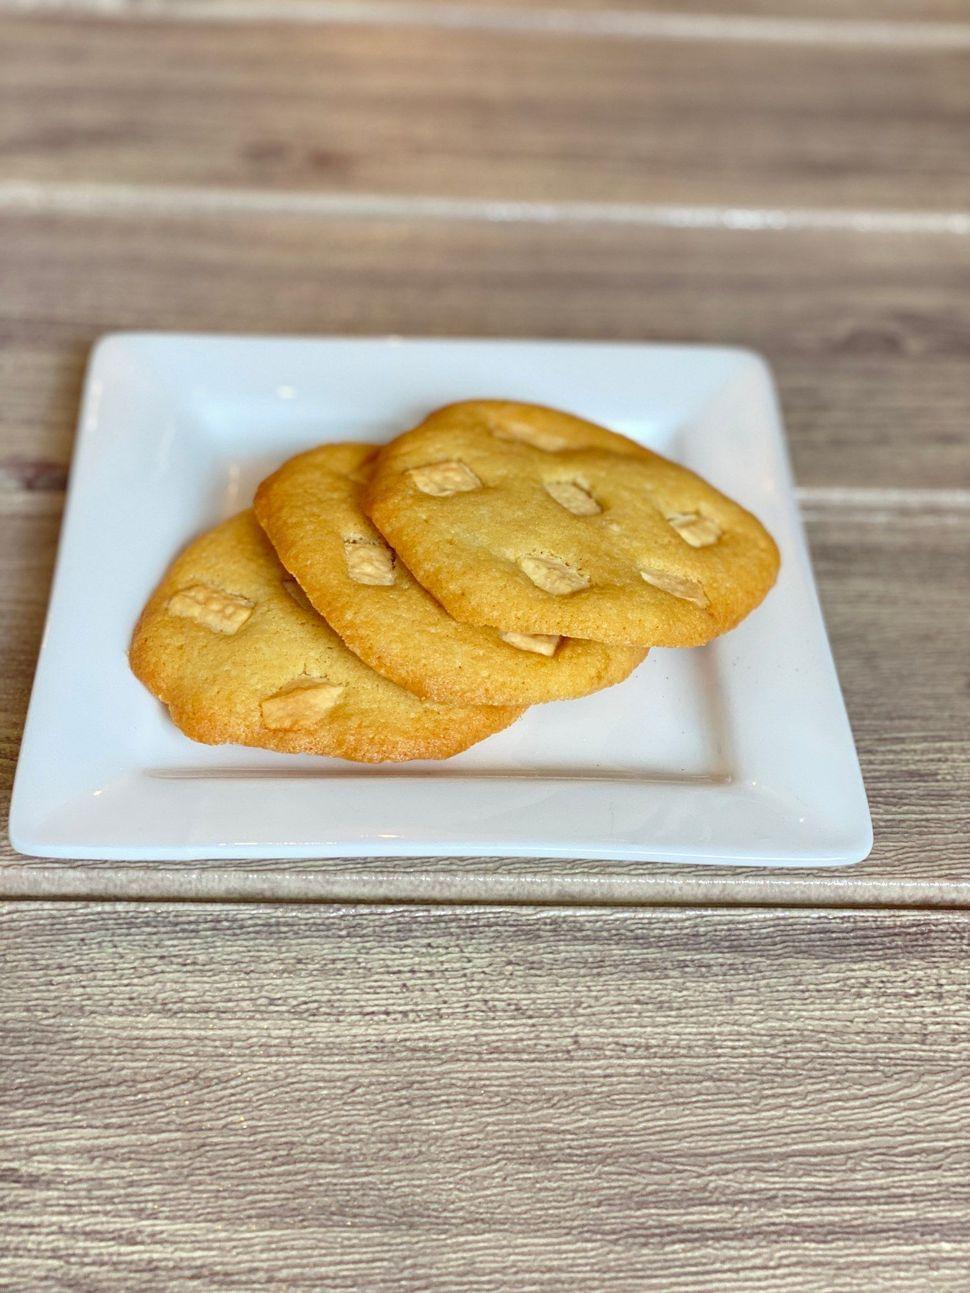 עוגיות שוקולד צי'פס לבן - קוקיס - הכי טעים שיש